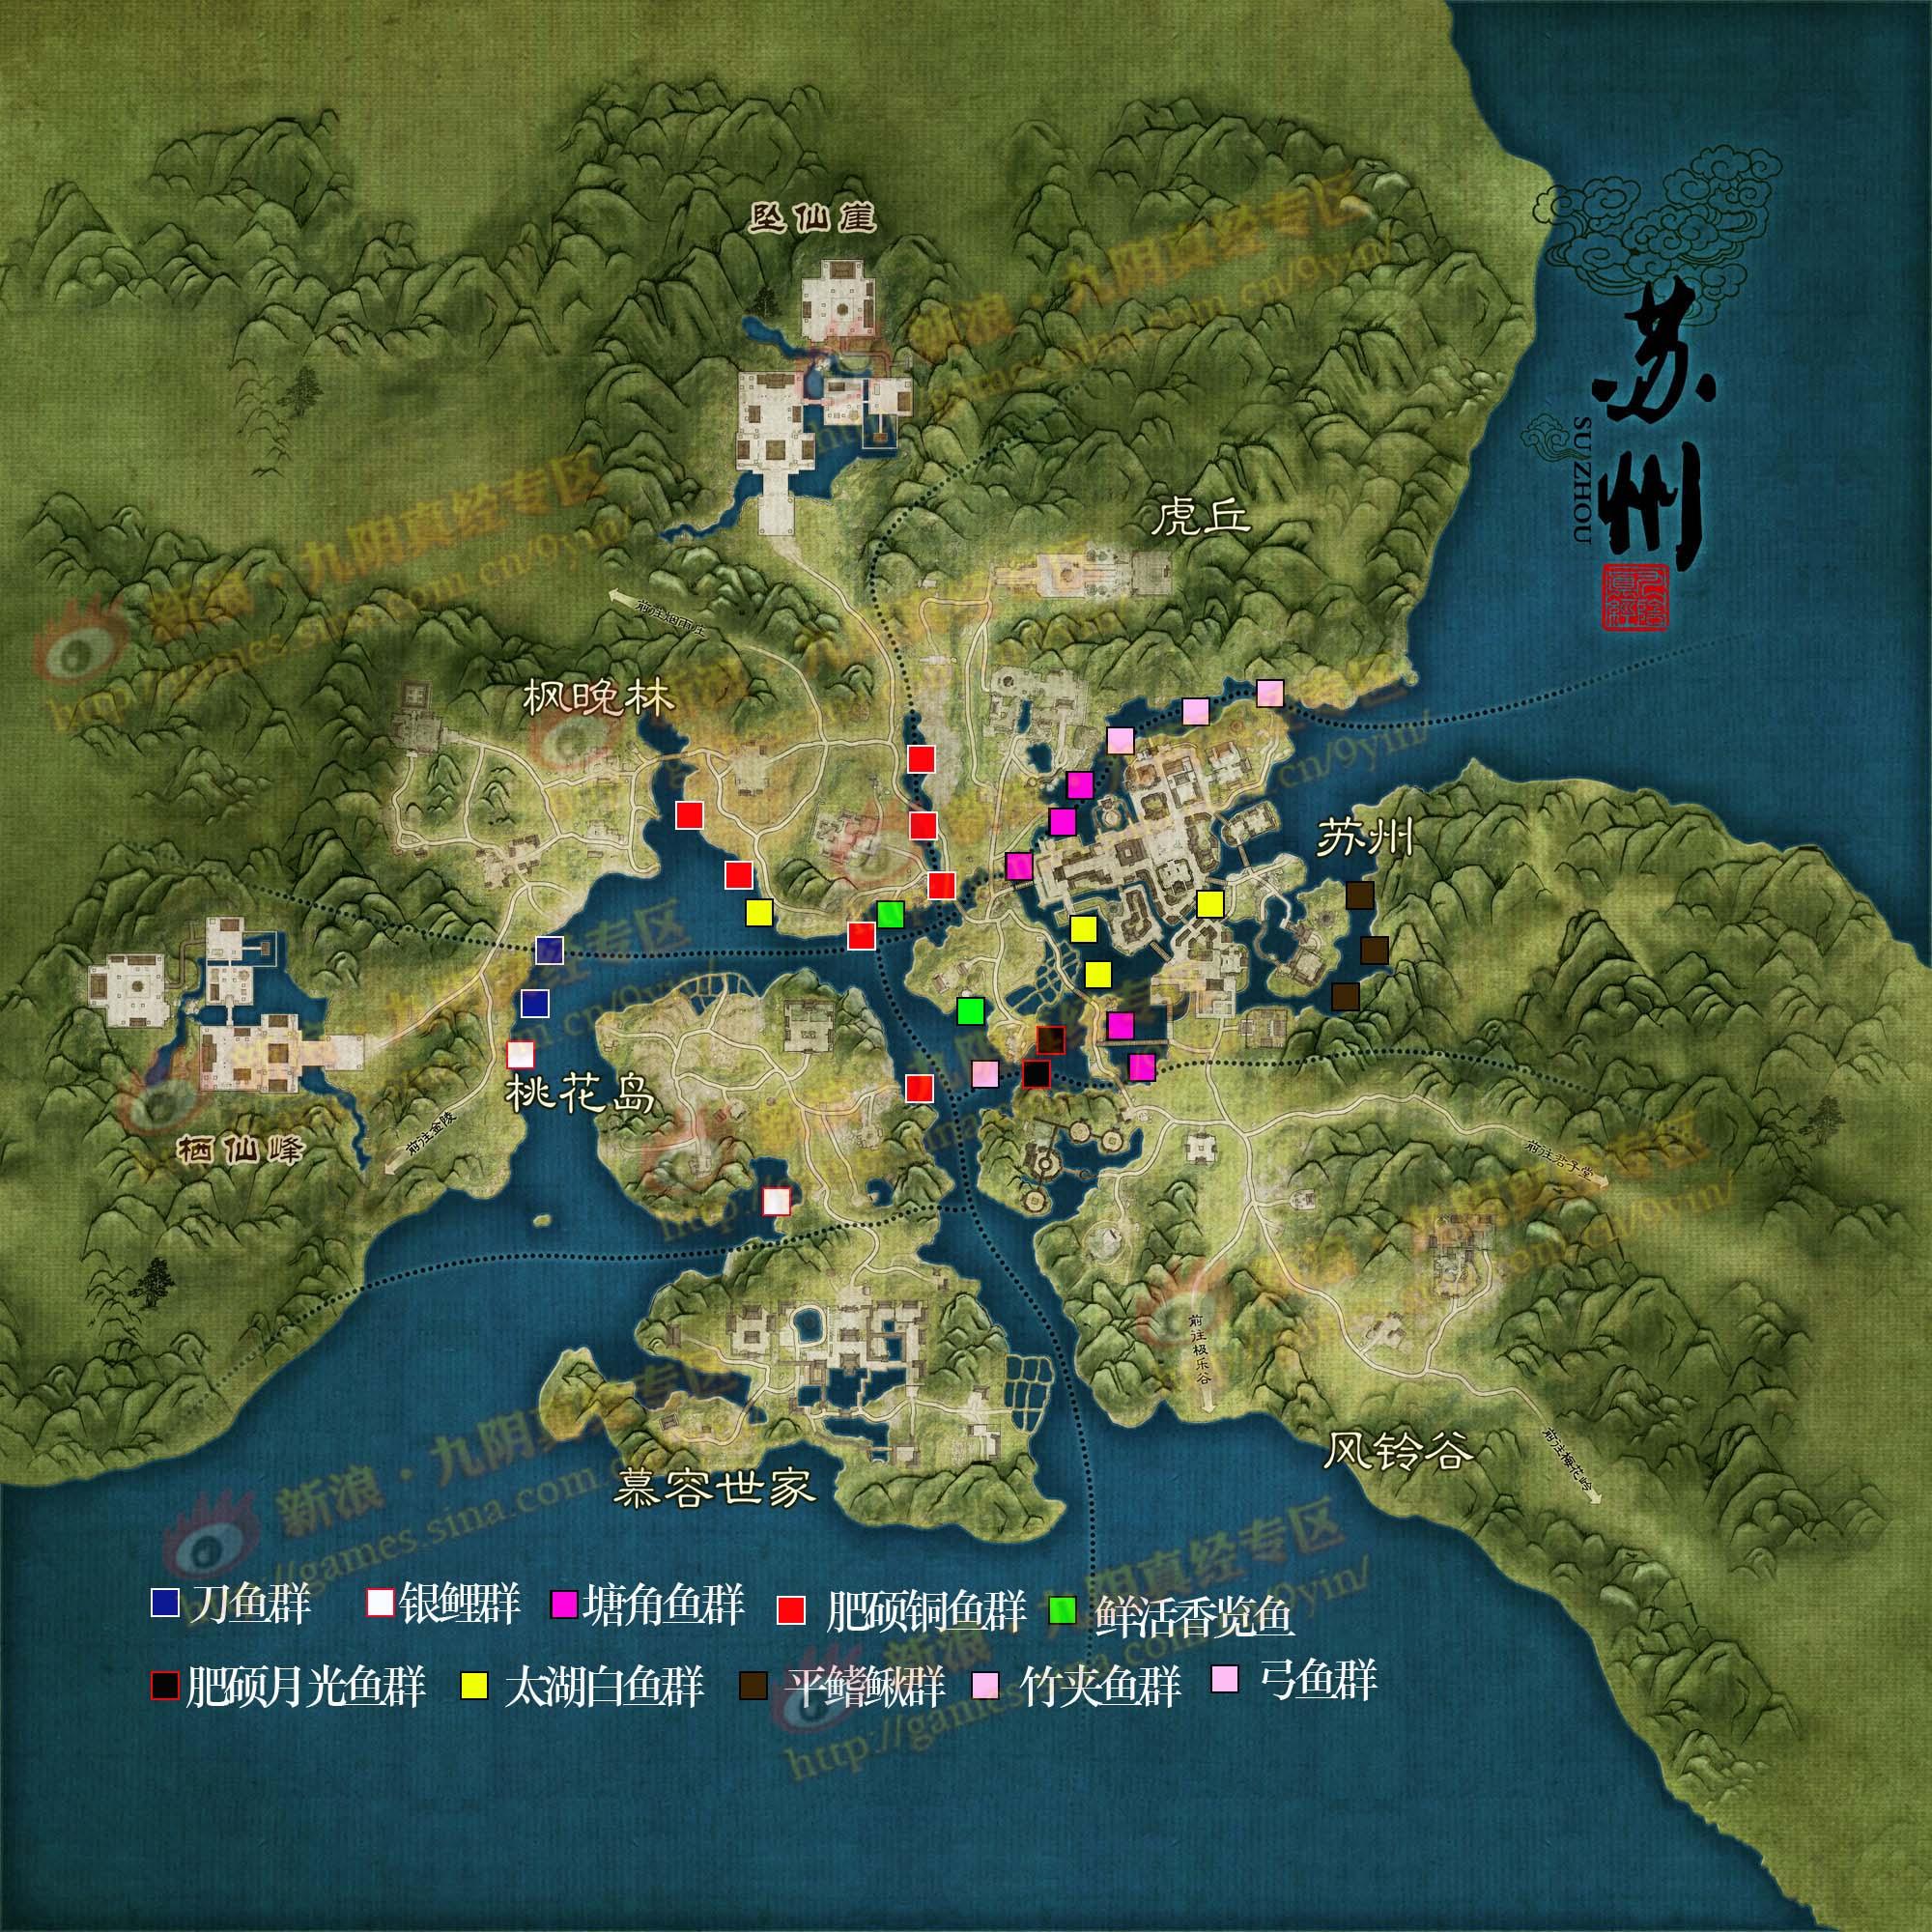 九阴真经苏州鱼类采集点分布图